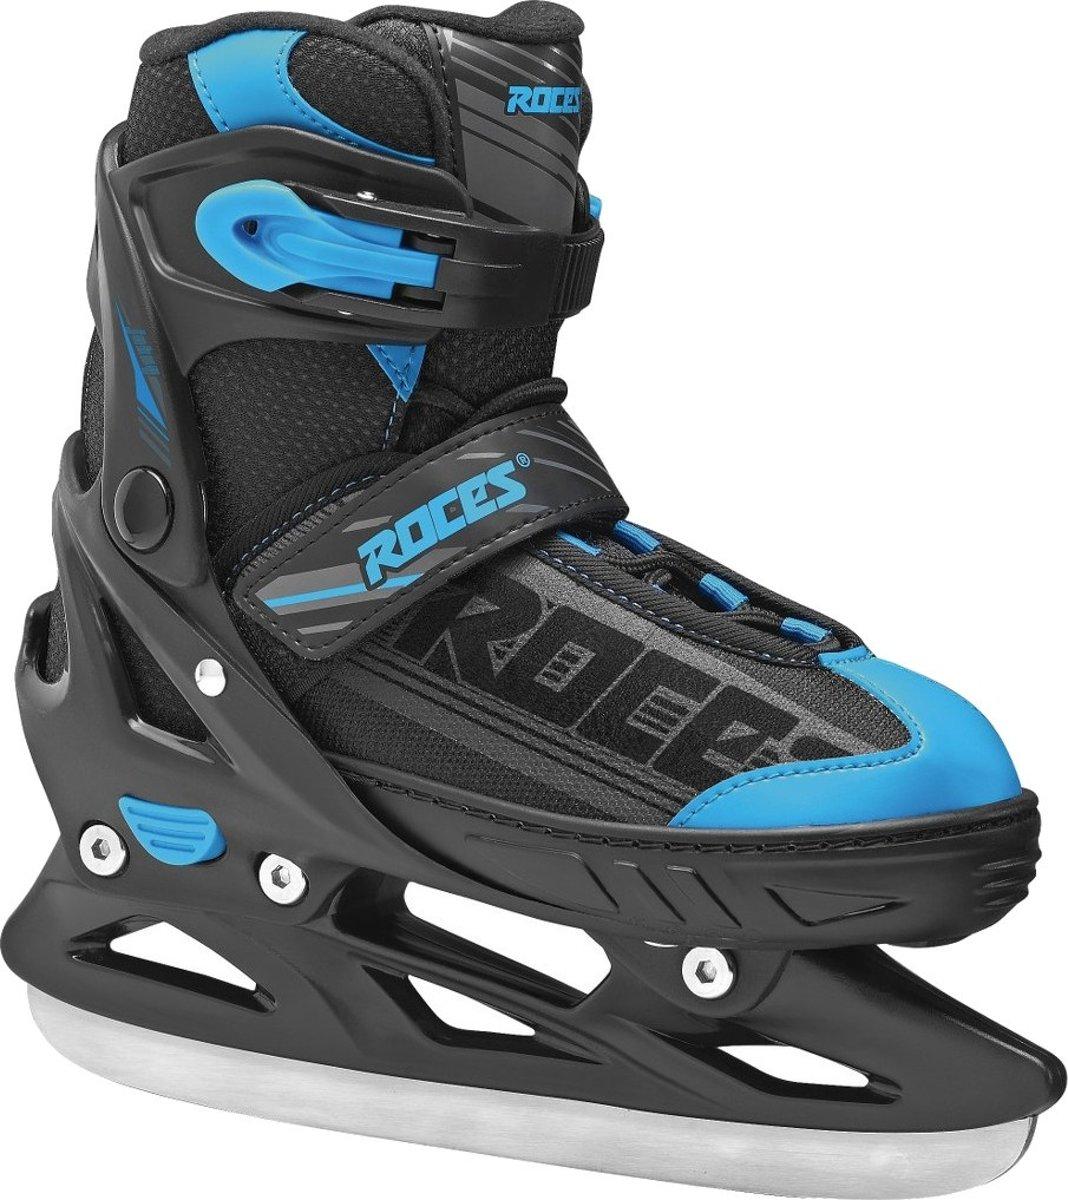 Roces ijshockeyschaatsen jokey jongens zwart/blauw maat 26-29